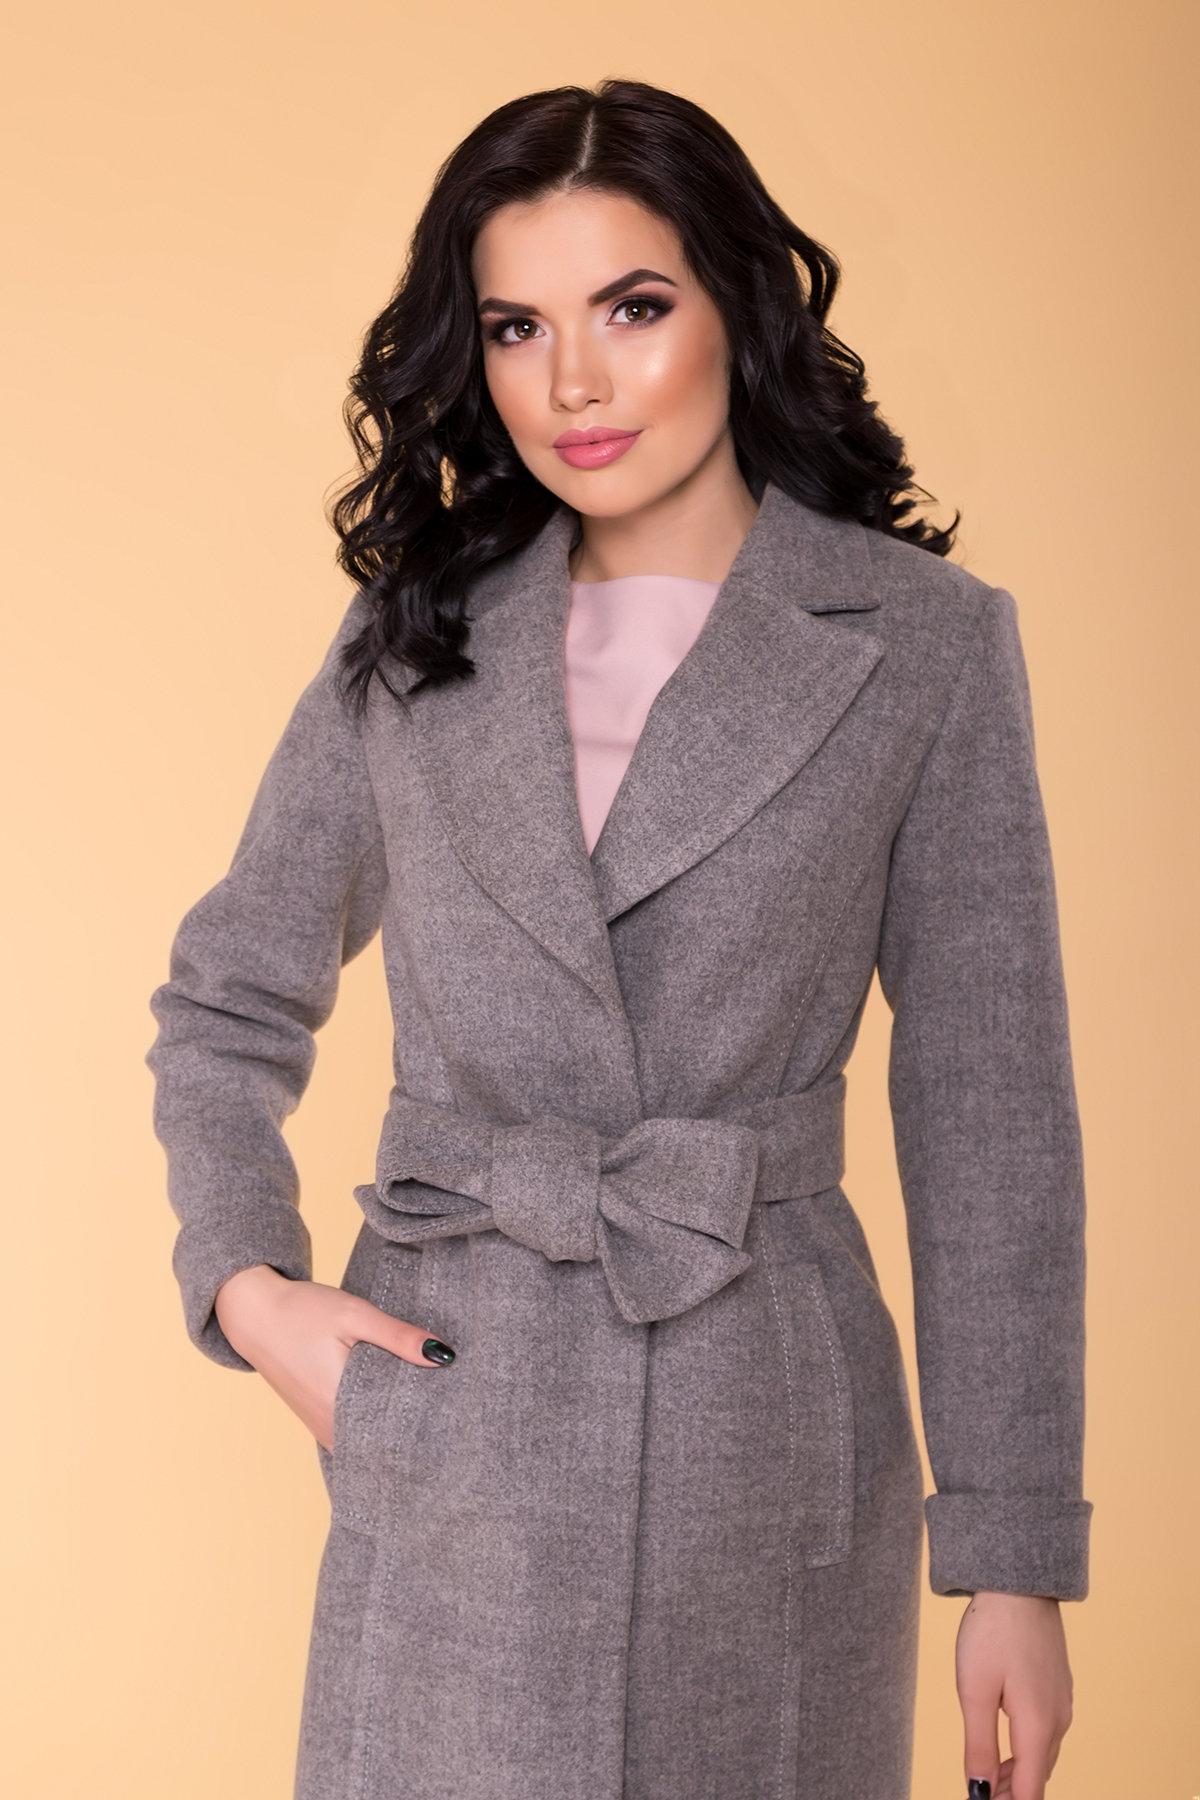 Пальто Лесли 6295 АРТ. 41079 Цвет: Серый 18 - фото 5, интернет магазин tm-modus.ru